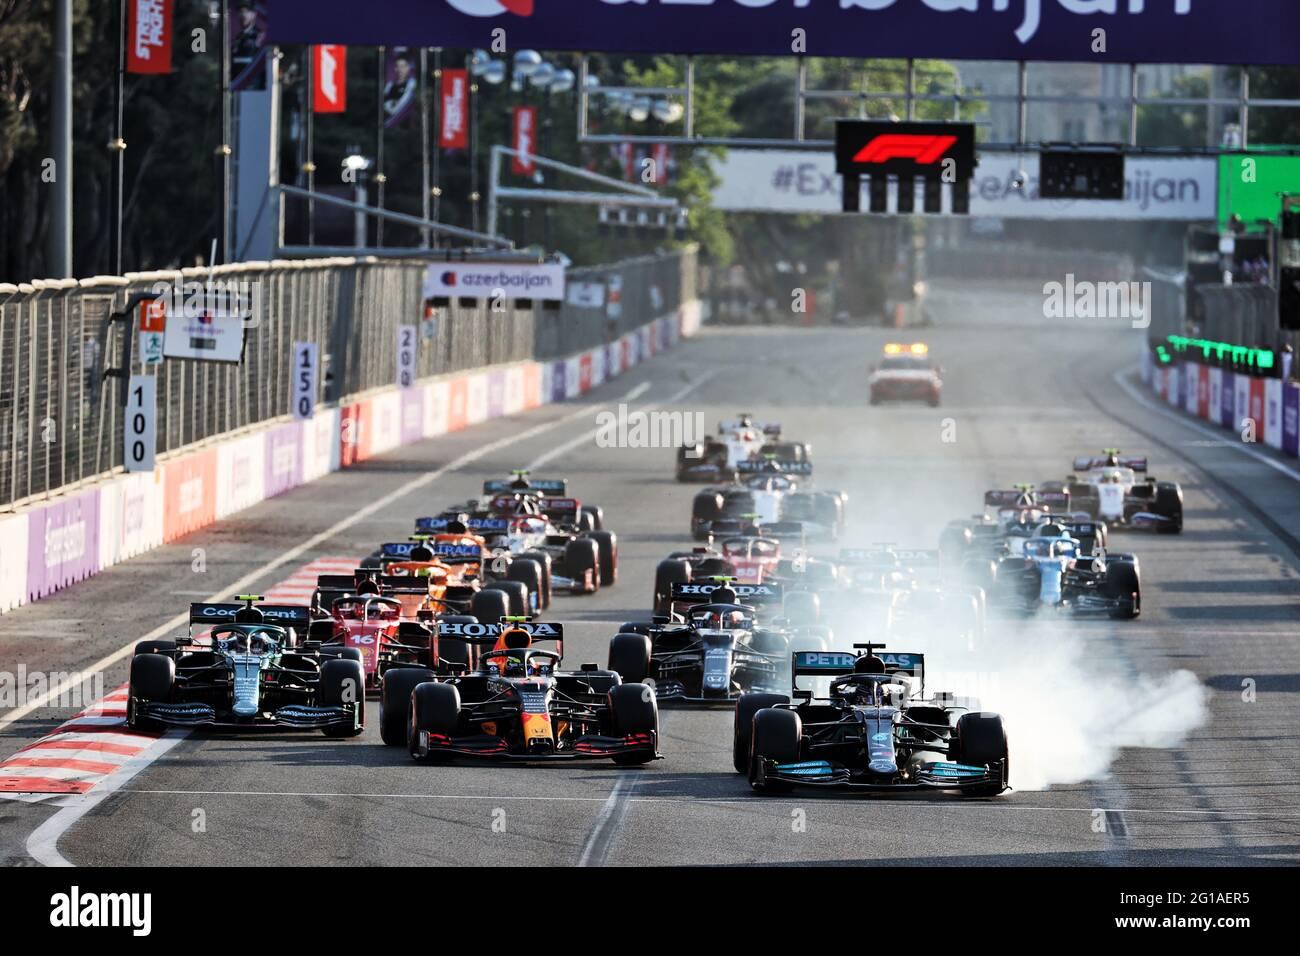 Baku, Azerbaigian. 06 giugno 2021. Lewis Hamilton (GBR) Mercedes AMG F1 W12 si blocca in frenata al riavvio della gara mentre tenta di superare Sergio Perez (MEX) Red Bull Racing RB16B. 06.06.2021. Campionato del mondo Formula 1, Rd 6, Gran Premio di Azerbaigian, circuito di Baku Street, Azerbaigian, Giorno della gara. Il credito fotografico dovrebbe essere: XPB/immagini dell'associazione stampa. Credit: XPB Images Ltd/Alamy Live News Foto Stock